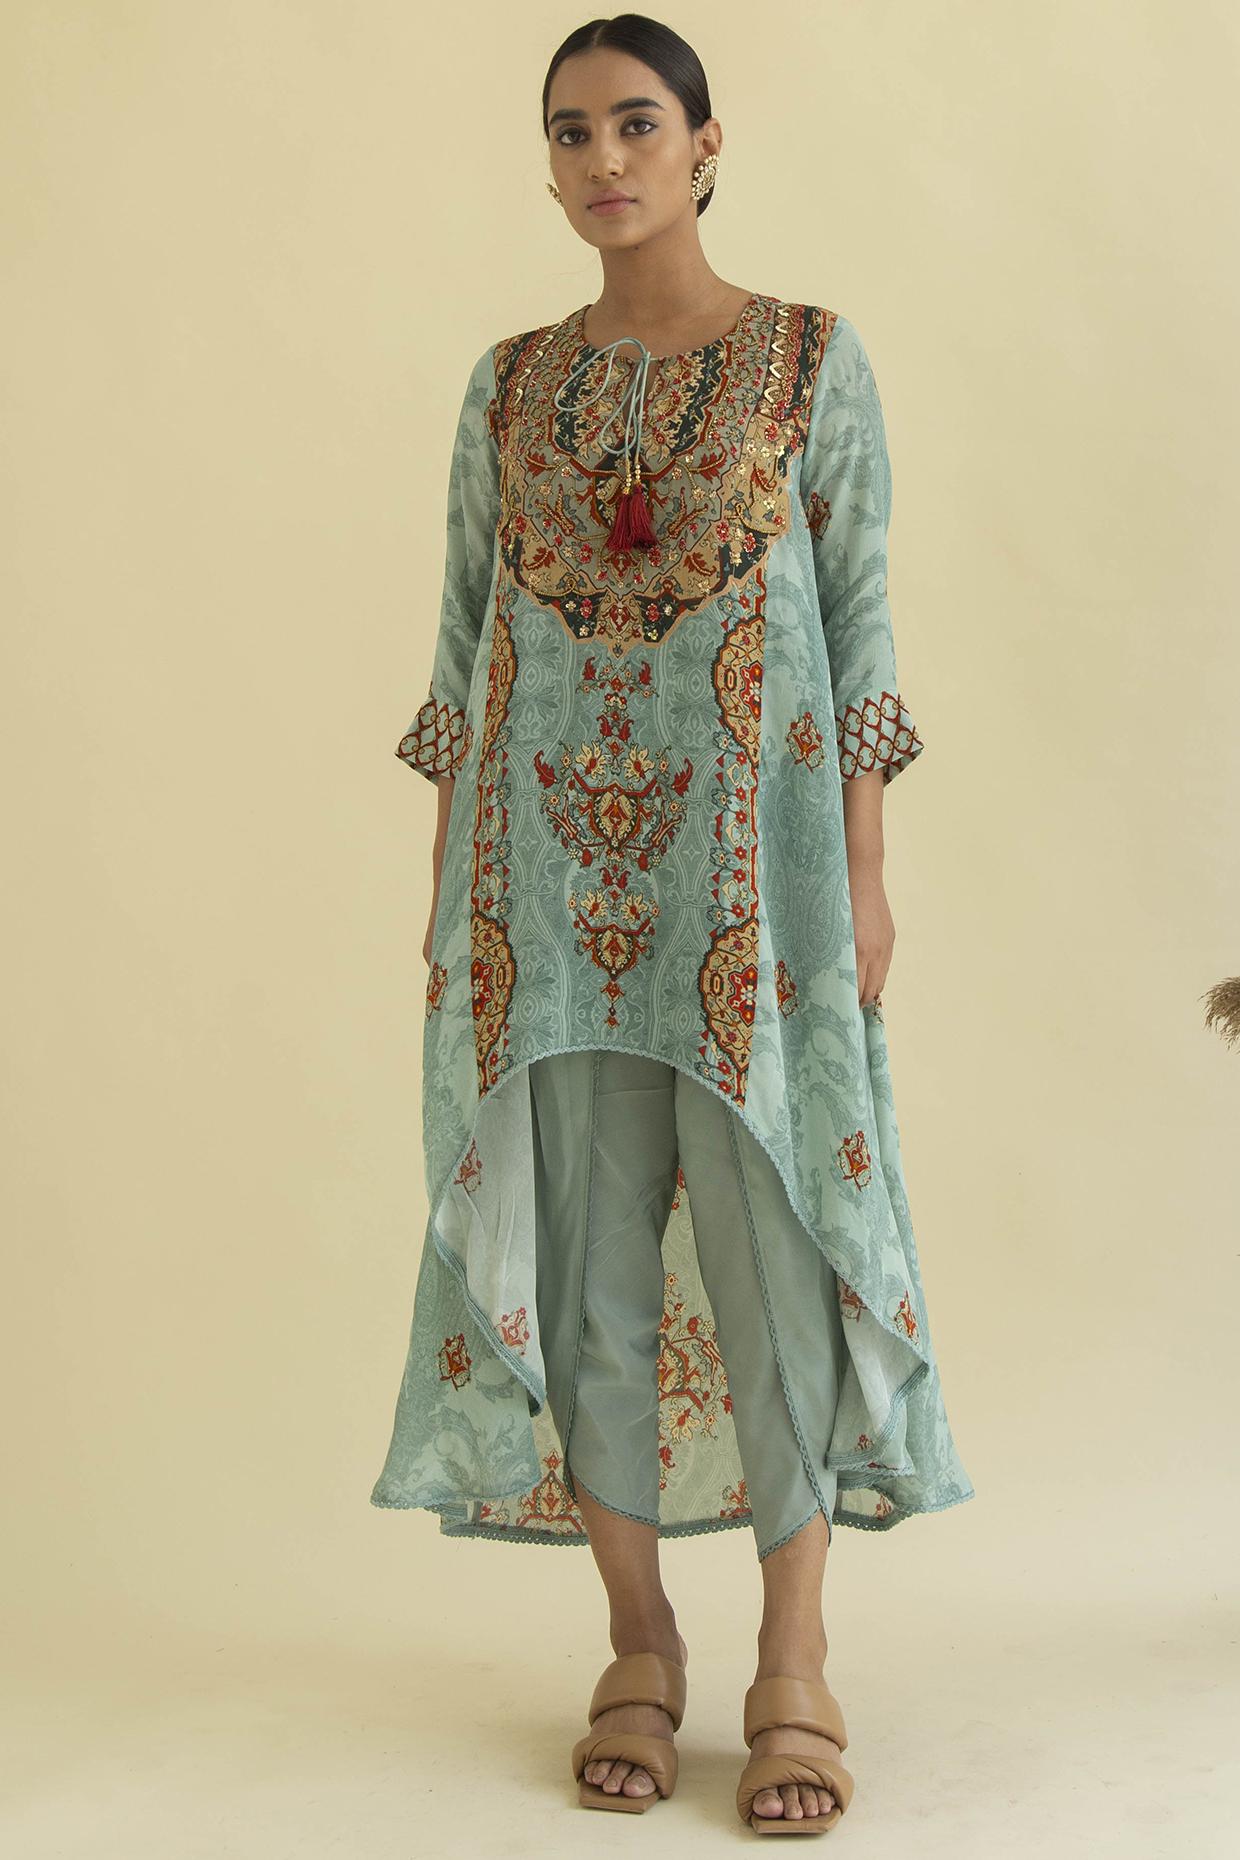 Turquoise Asymmetric Tunic Set by Kalista